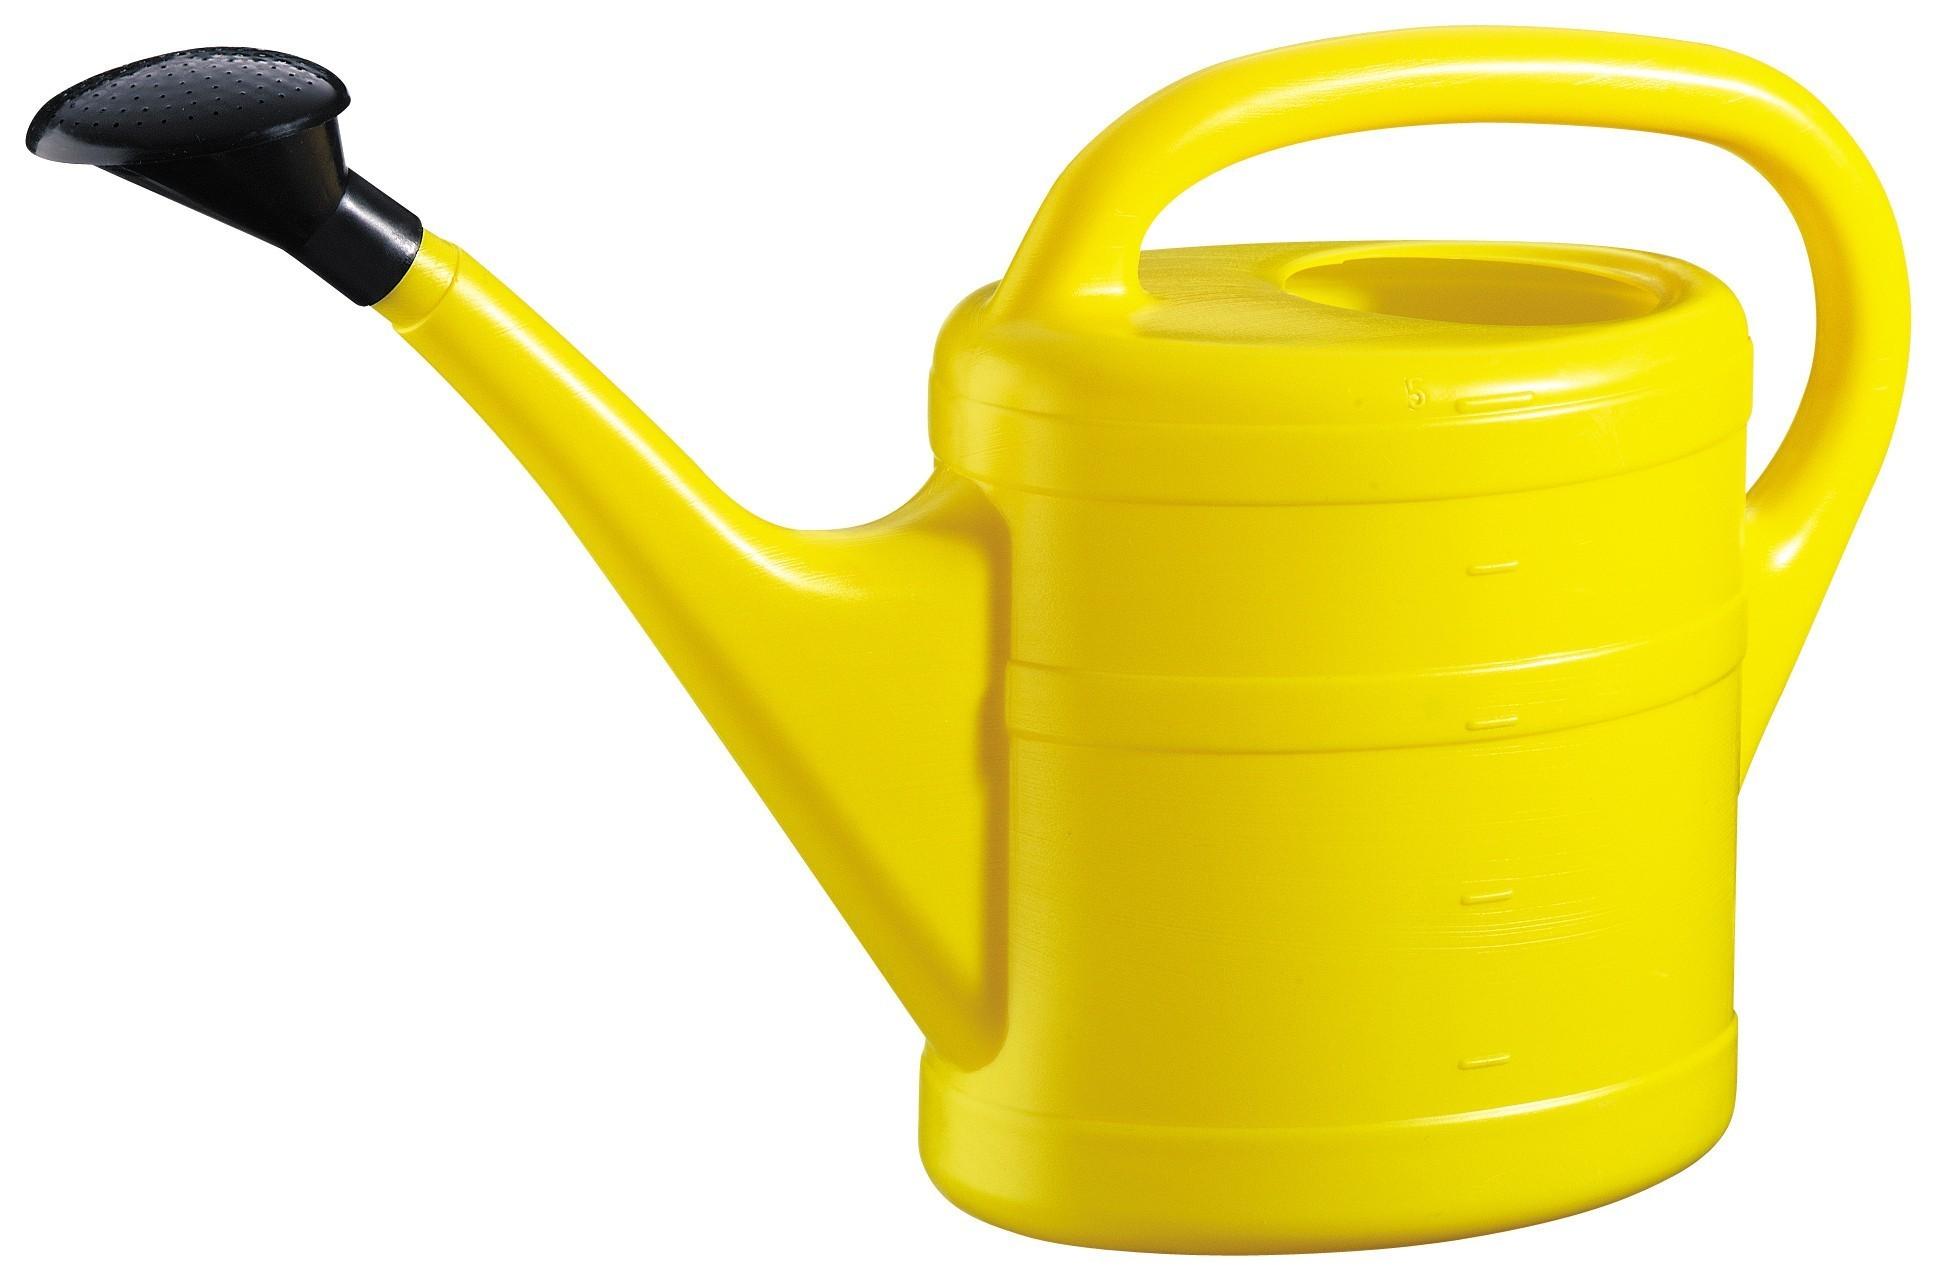 Gießkanne / Gartengießkanne 5 Liter gelb Bild 1